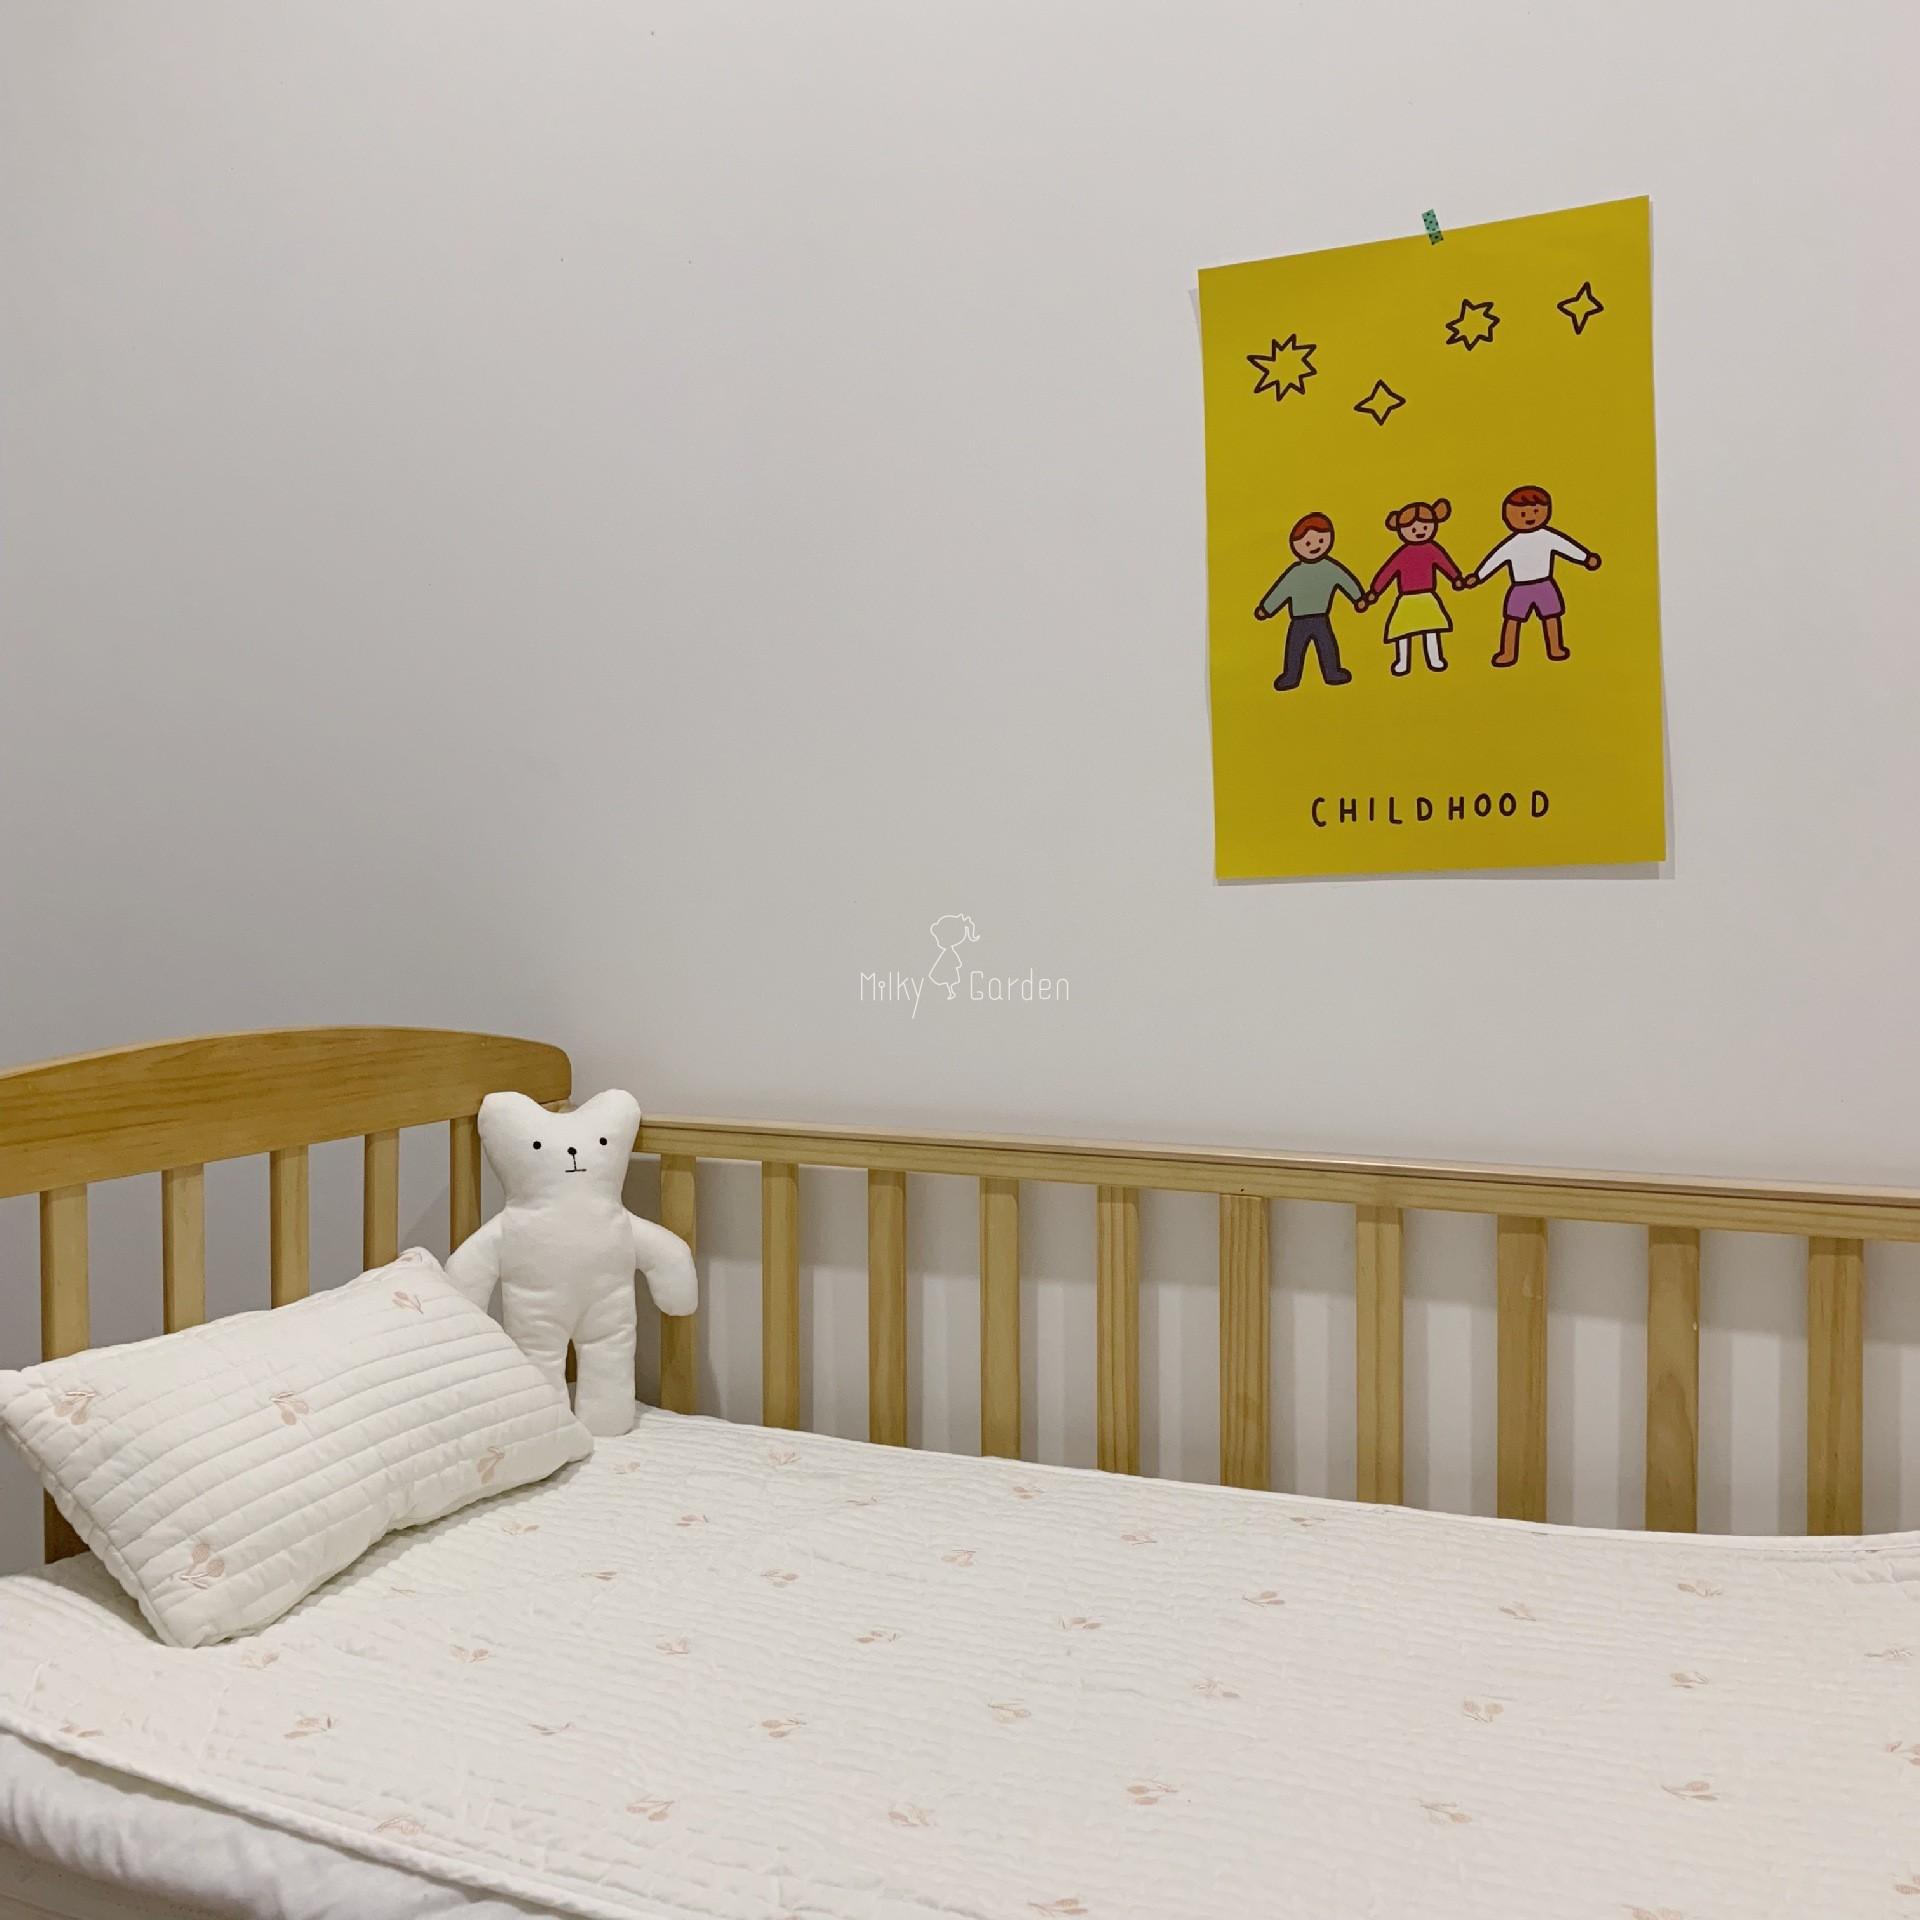 milky garden 新ins韩国宝宝床单 纯棉柔软刺绣床垫床褥儿童床单